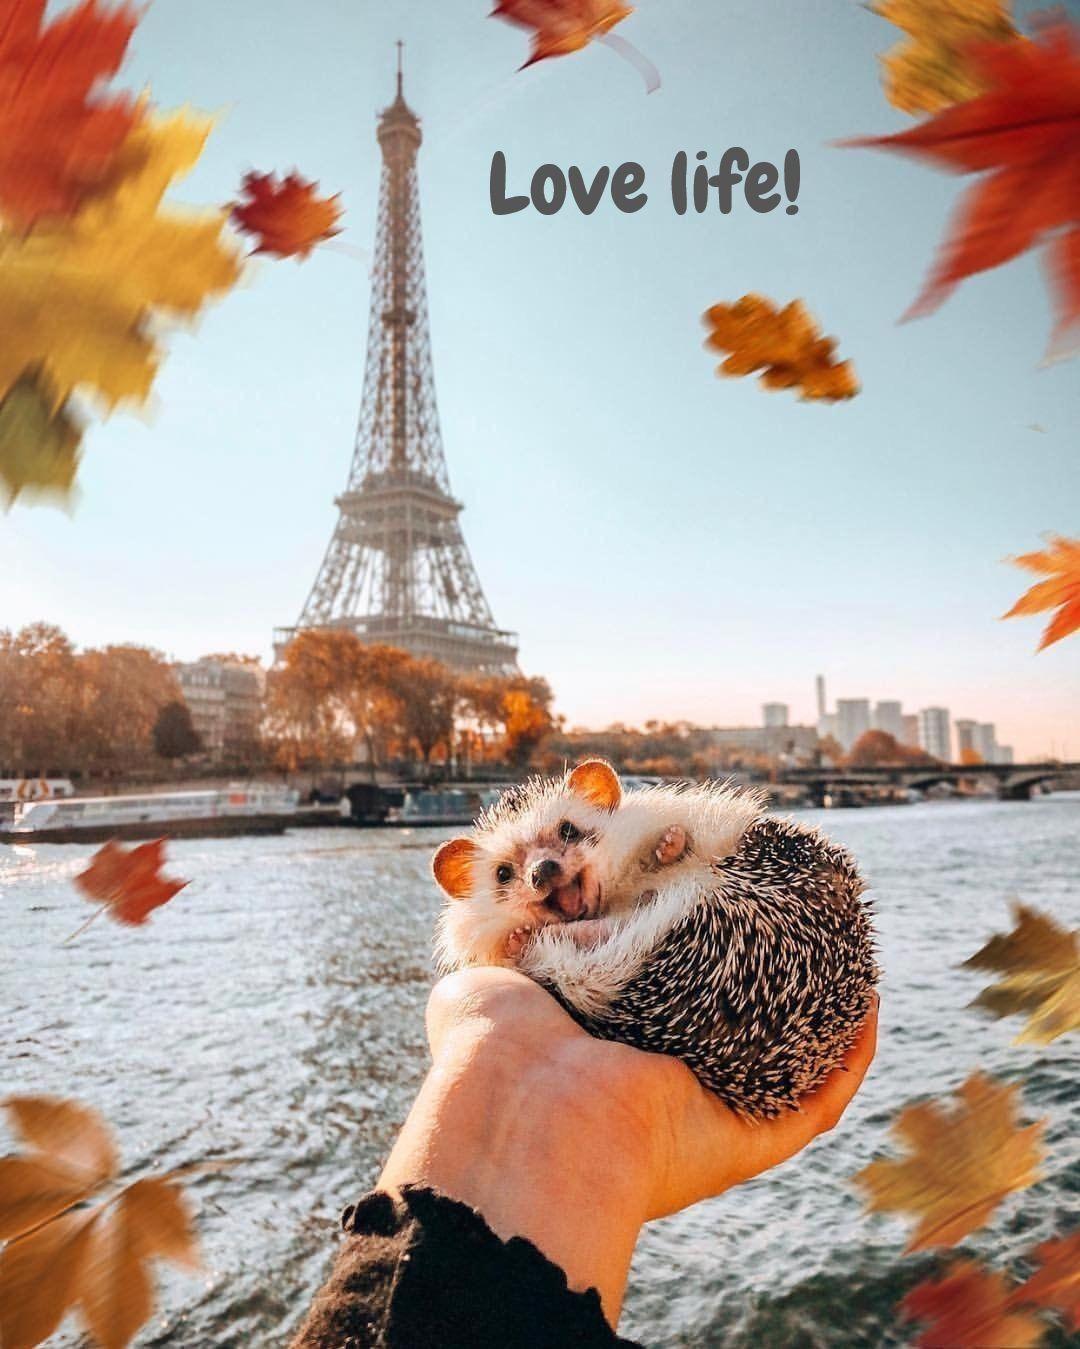 Just This Hedgehog in Paris [super cute photo]